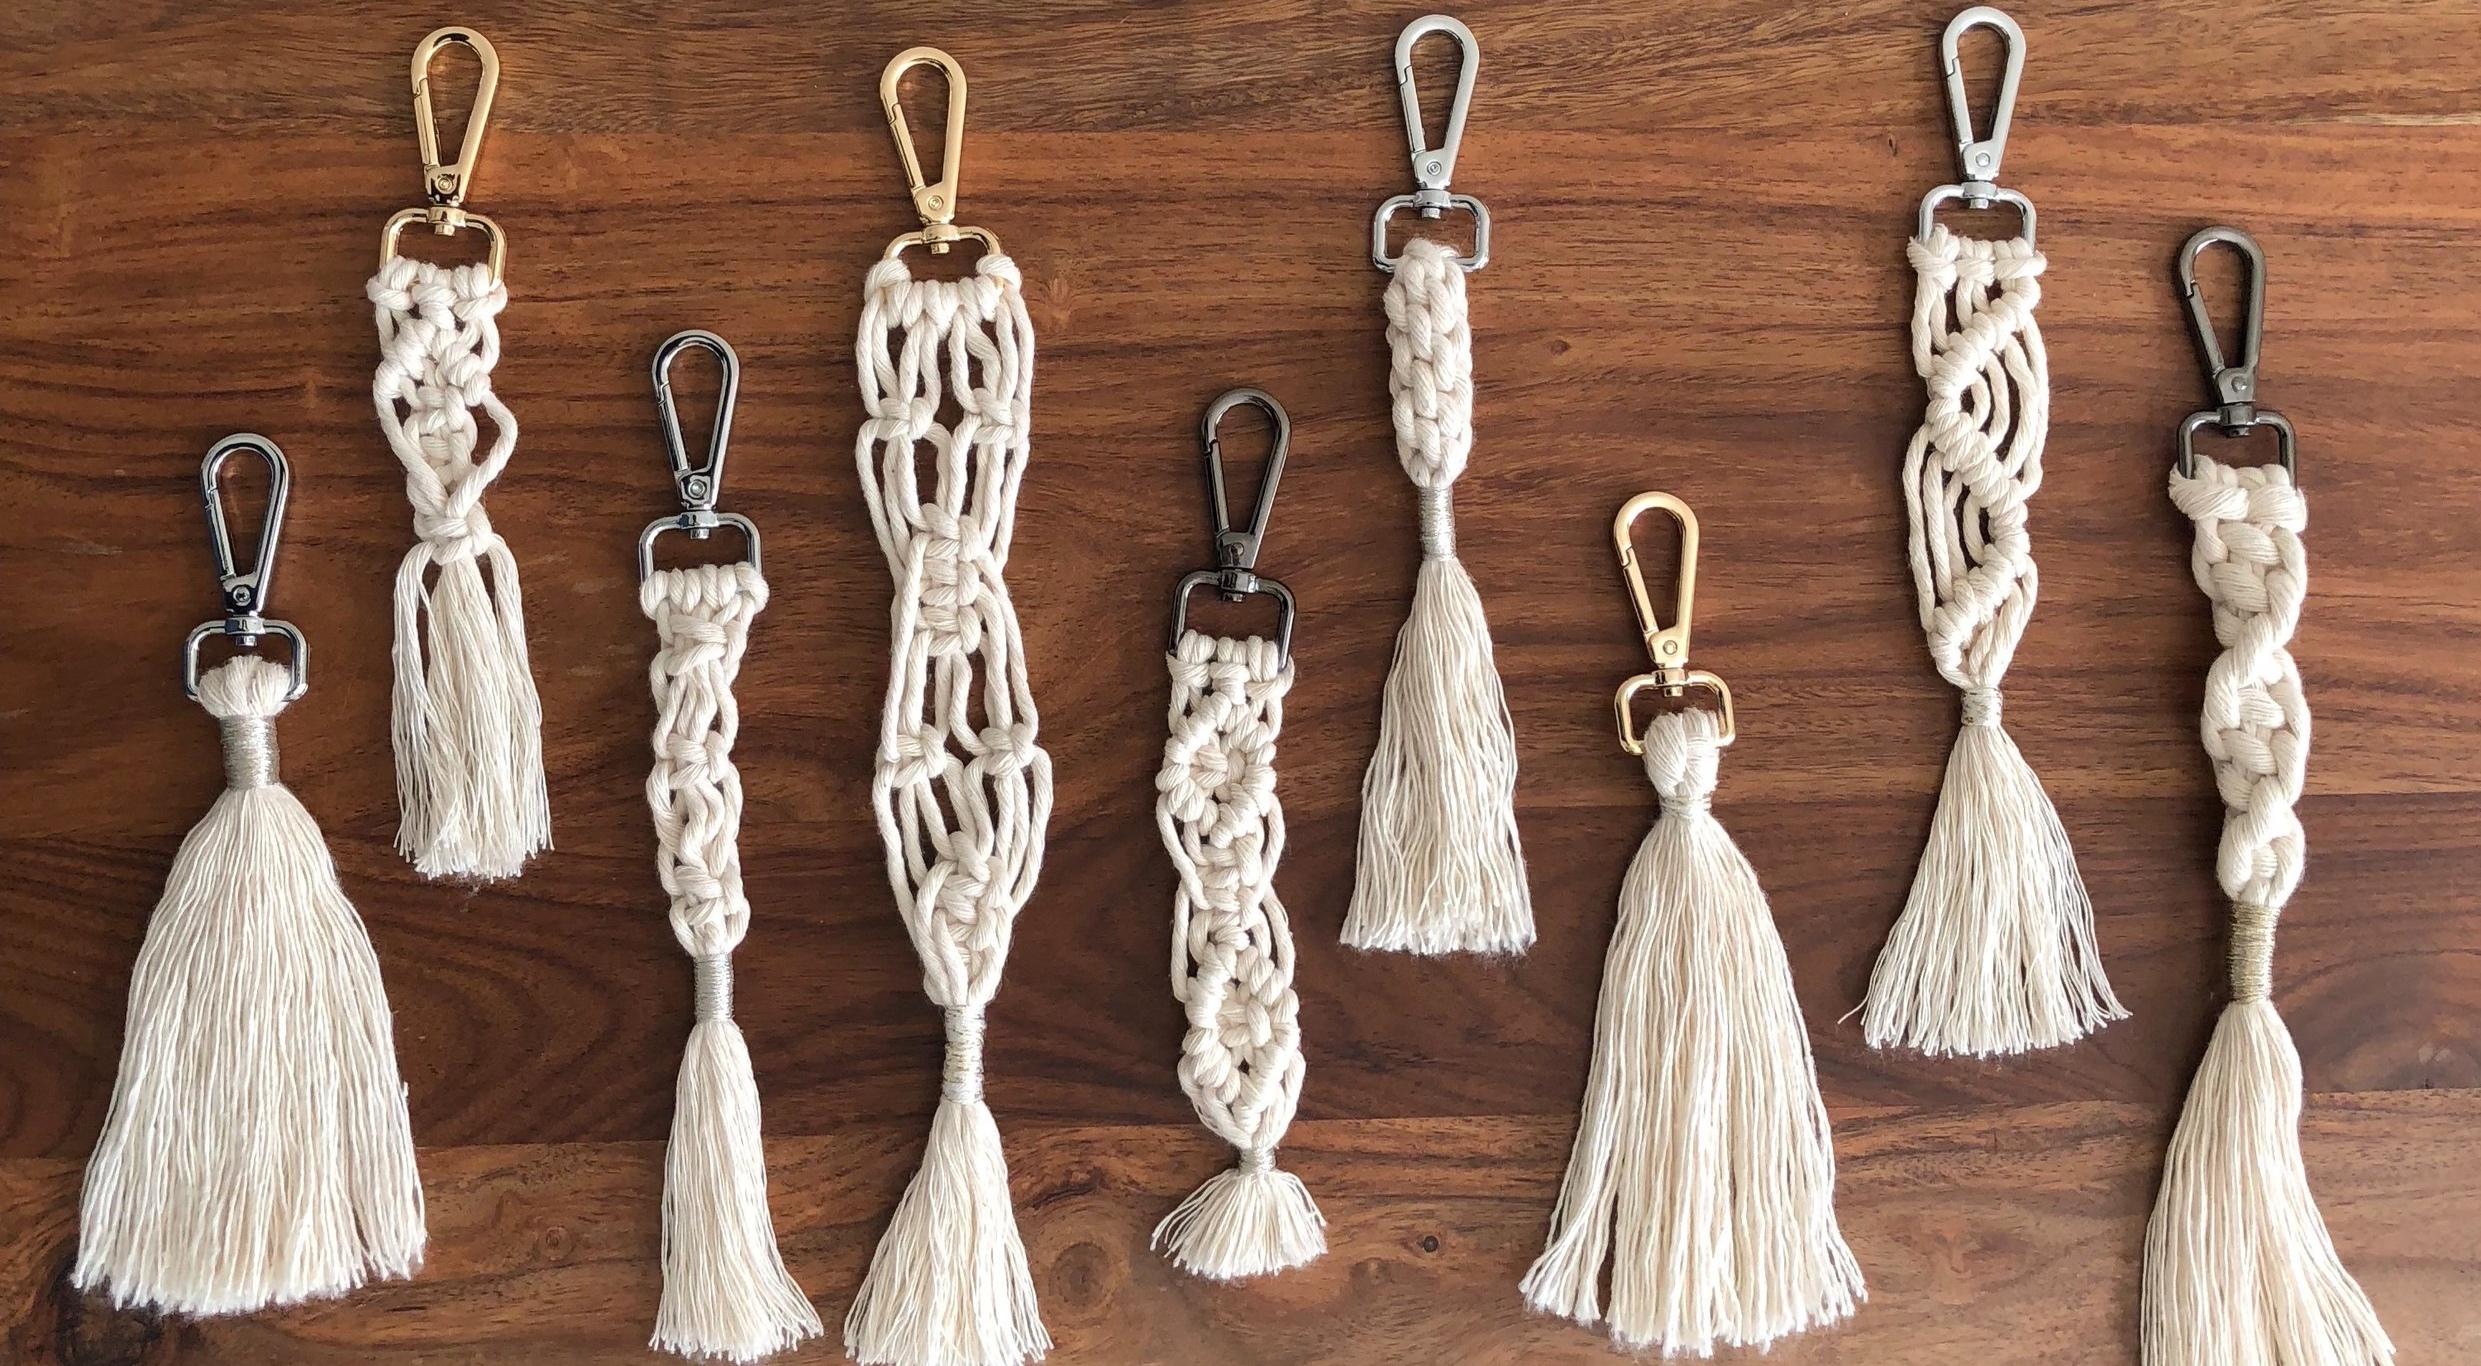 Handmade natural cotton macrame key chain | Bag charm £8 each